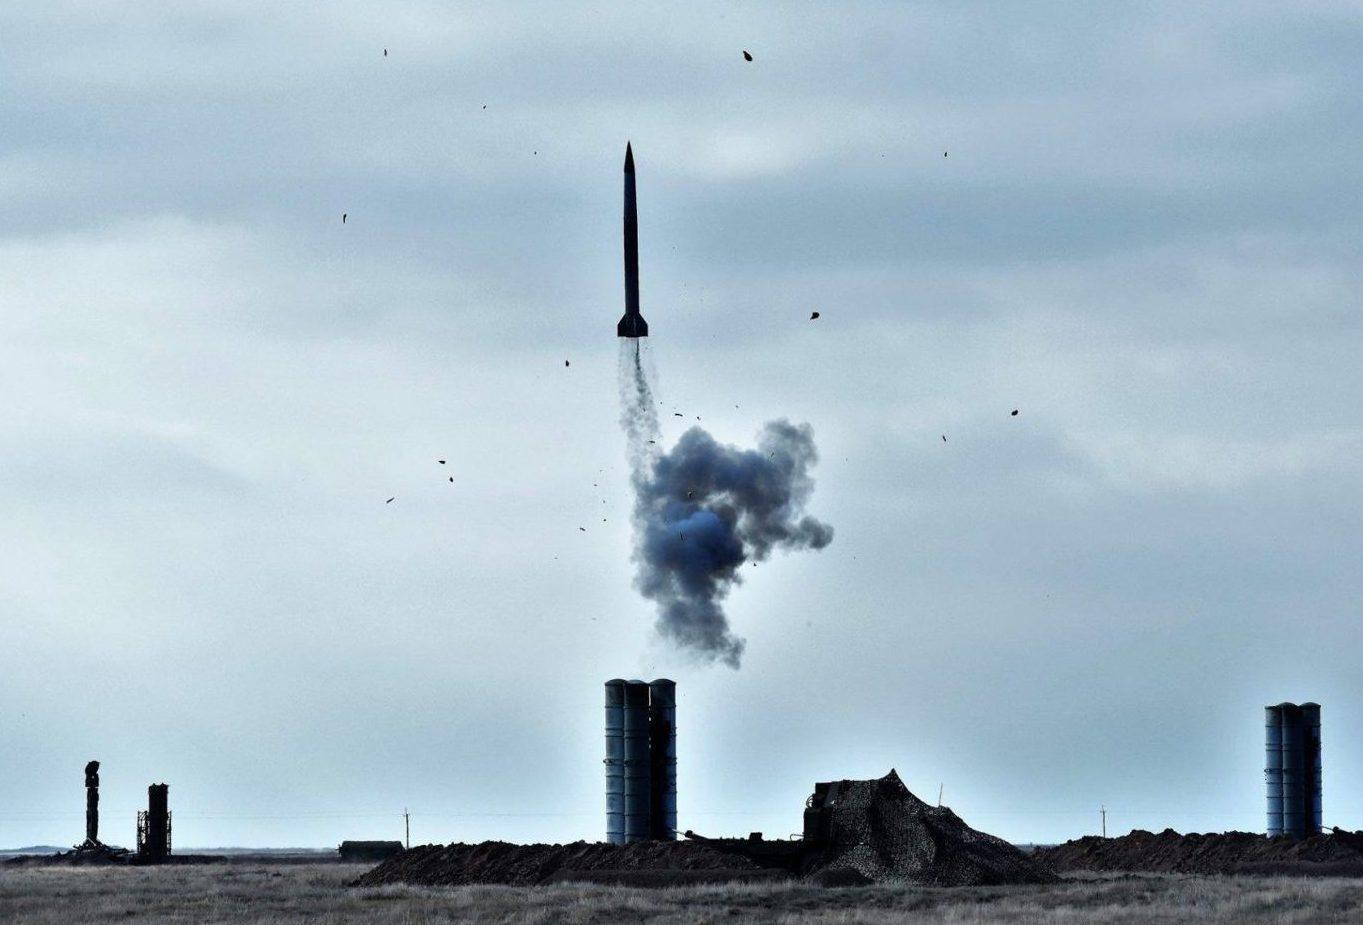 ДБР завдає удару по системі протиповітряної оборони країни